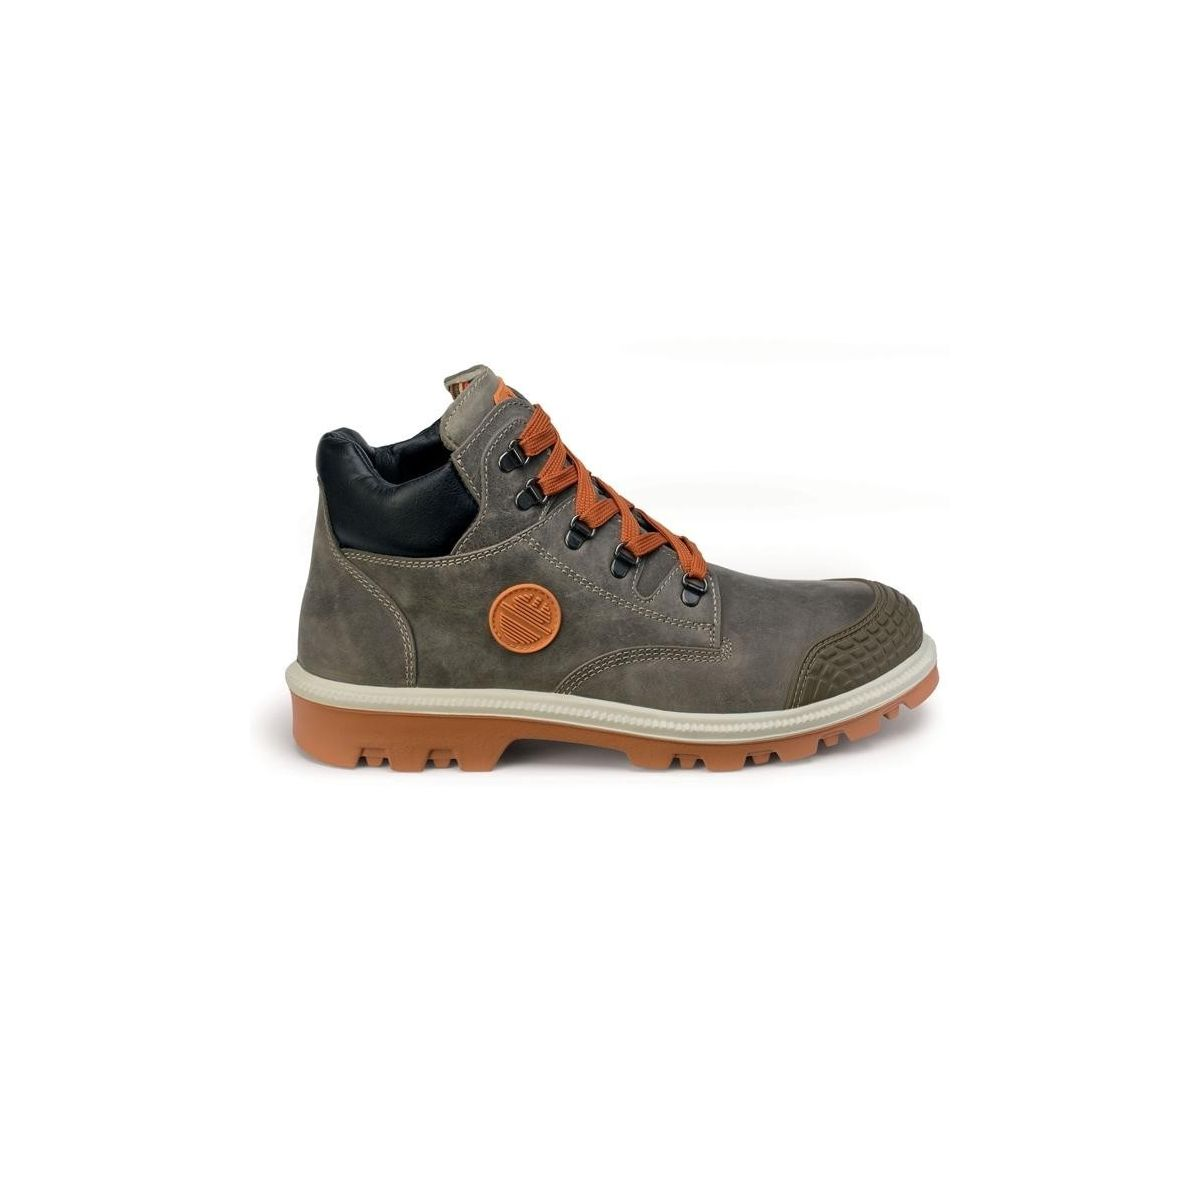 pas mal 6e9b7 8988a Chaussures de sécurité haute DIGGER DINT S3 HRO SRC argile